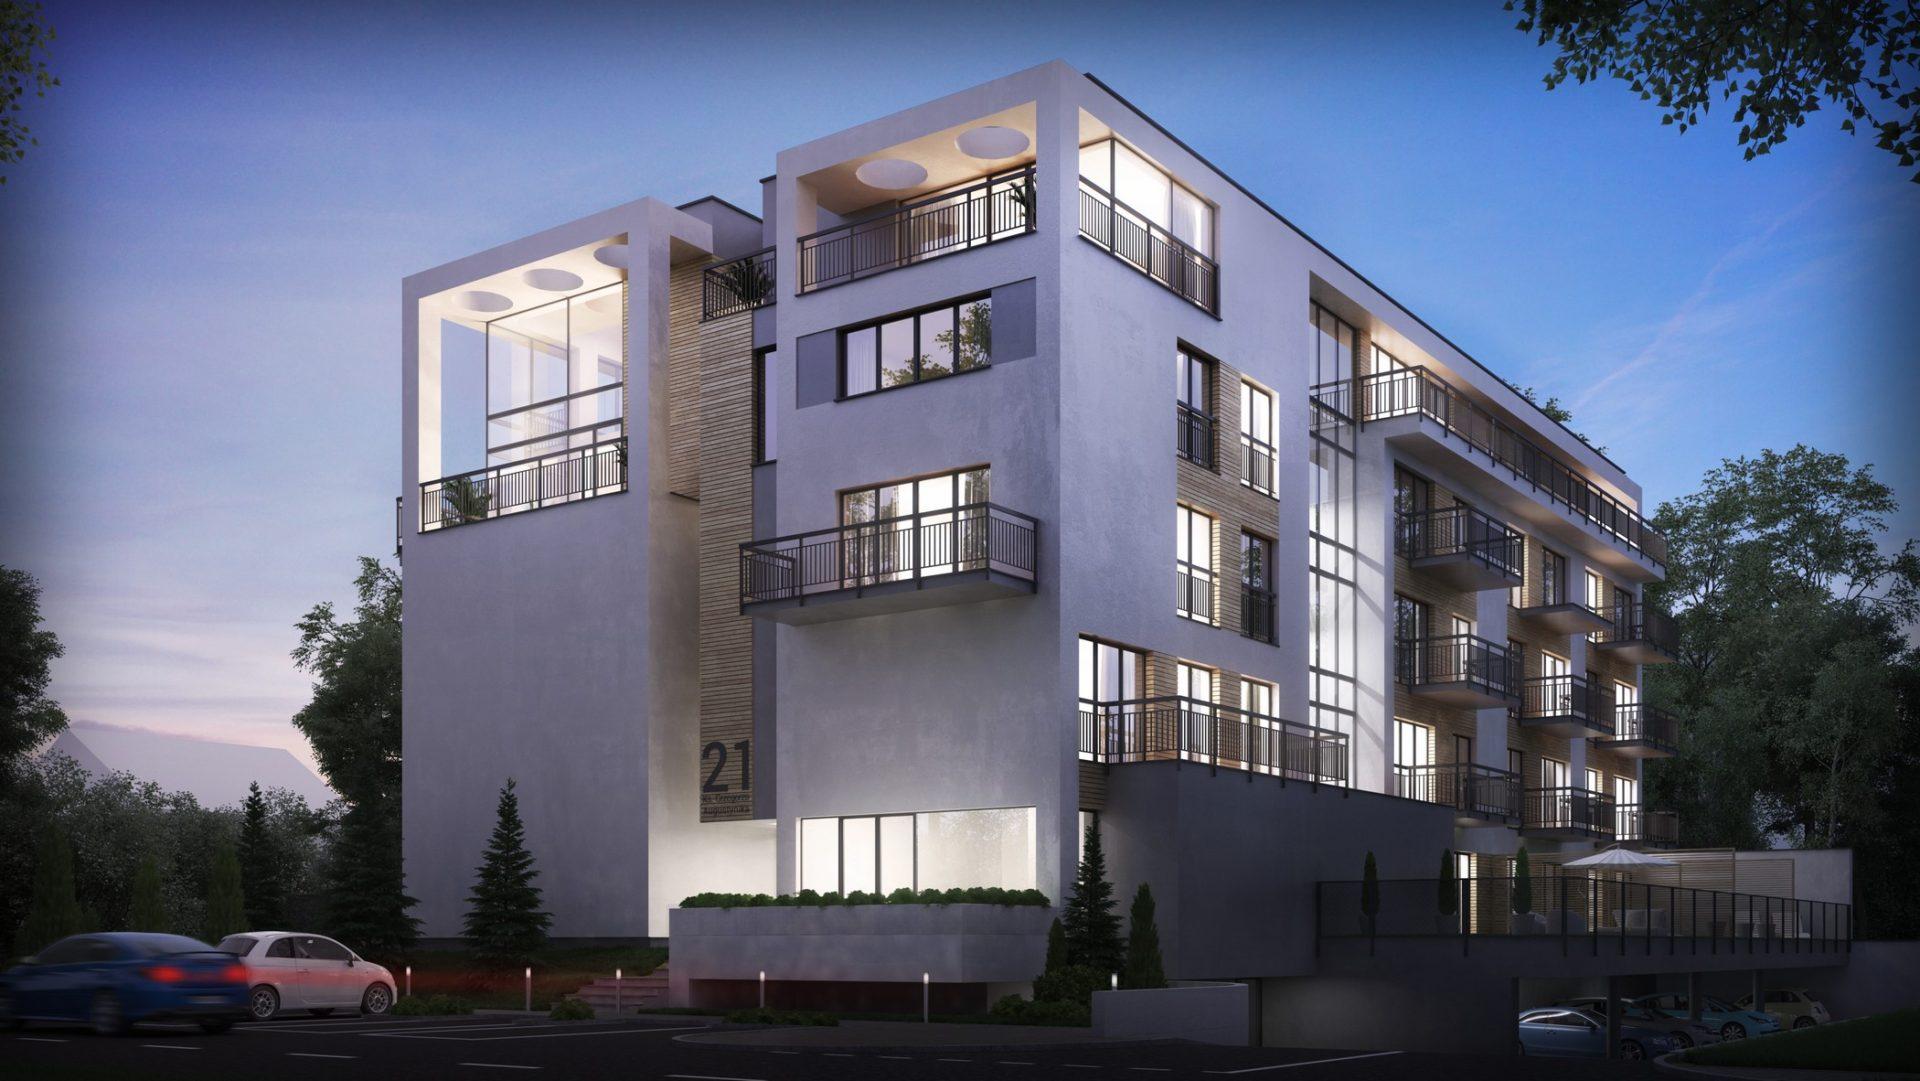 wizualizacja domu wielorodzinnego deweloper mieszkania Dąbrowa Górnicza